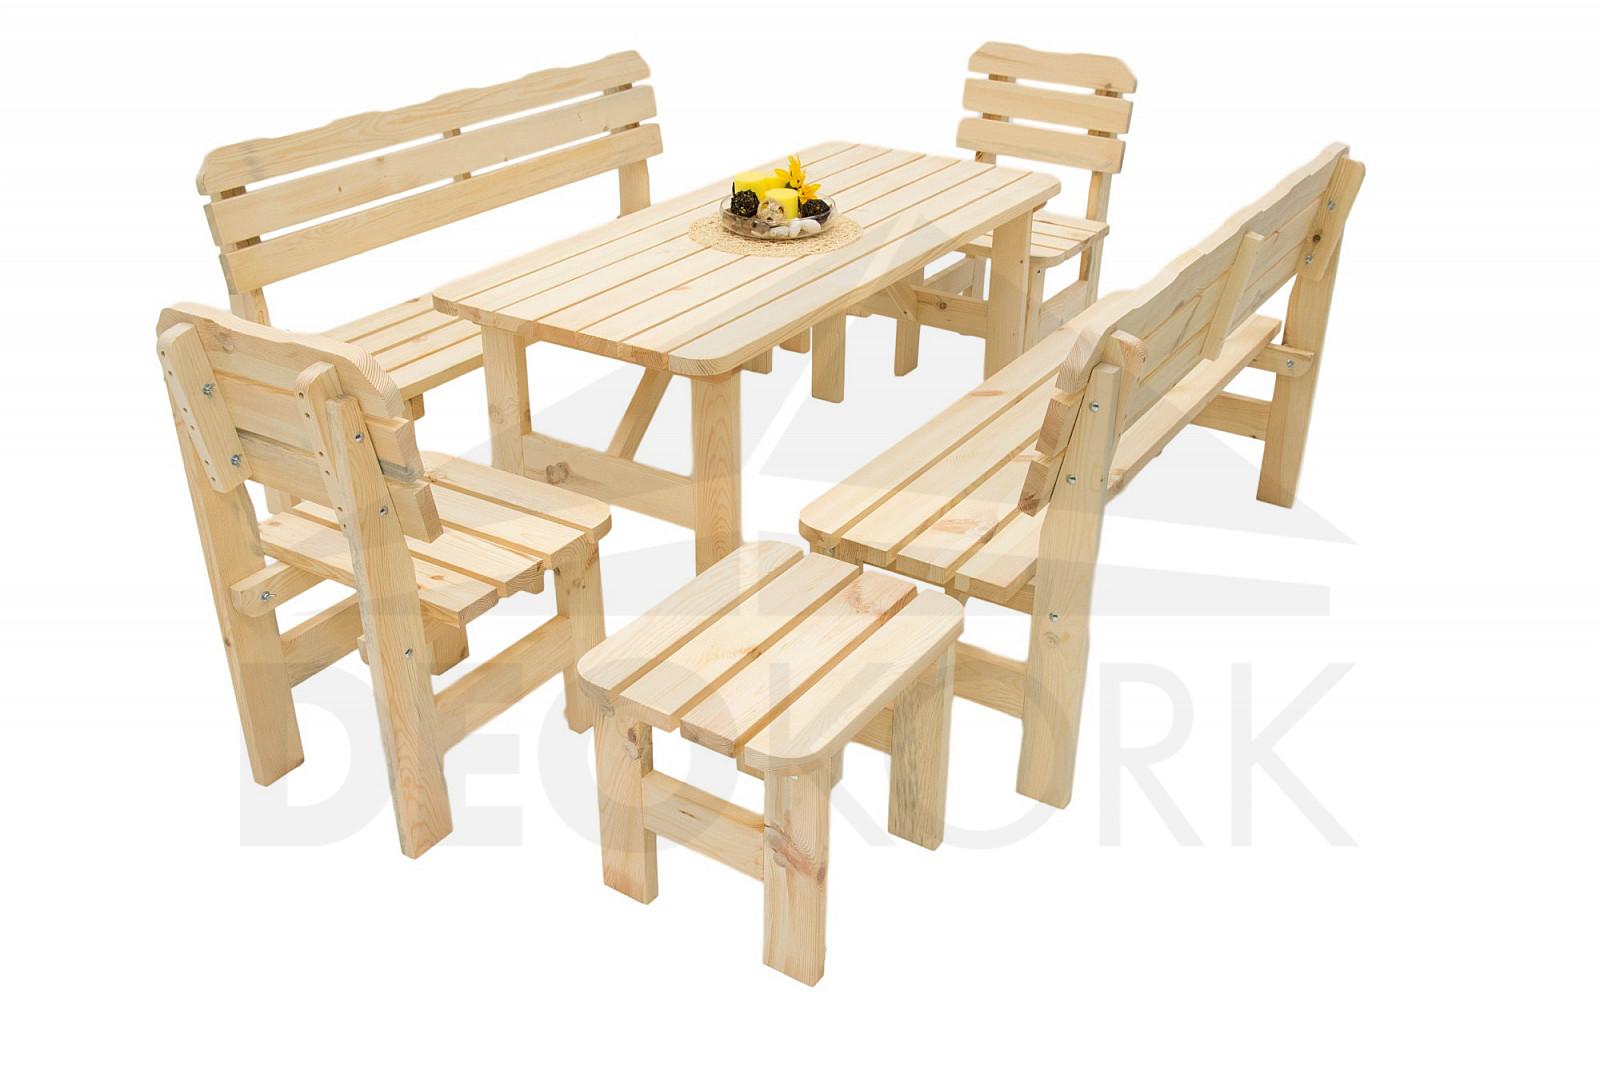 Masívna drevená záhradná zostava z borovice 1 +6 drevo 32 mm